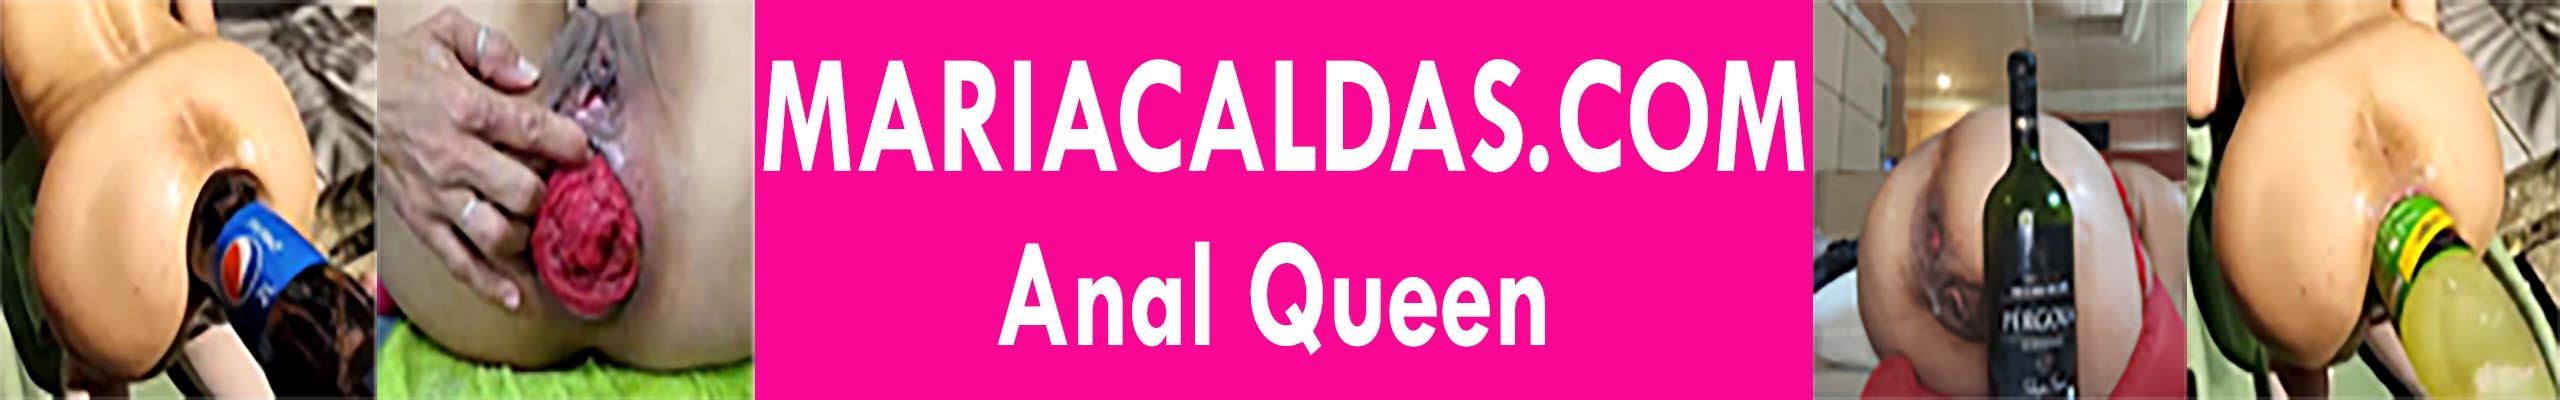 Maria Caldas Anal Queen